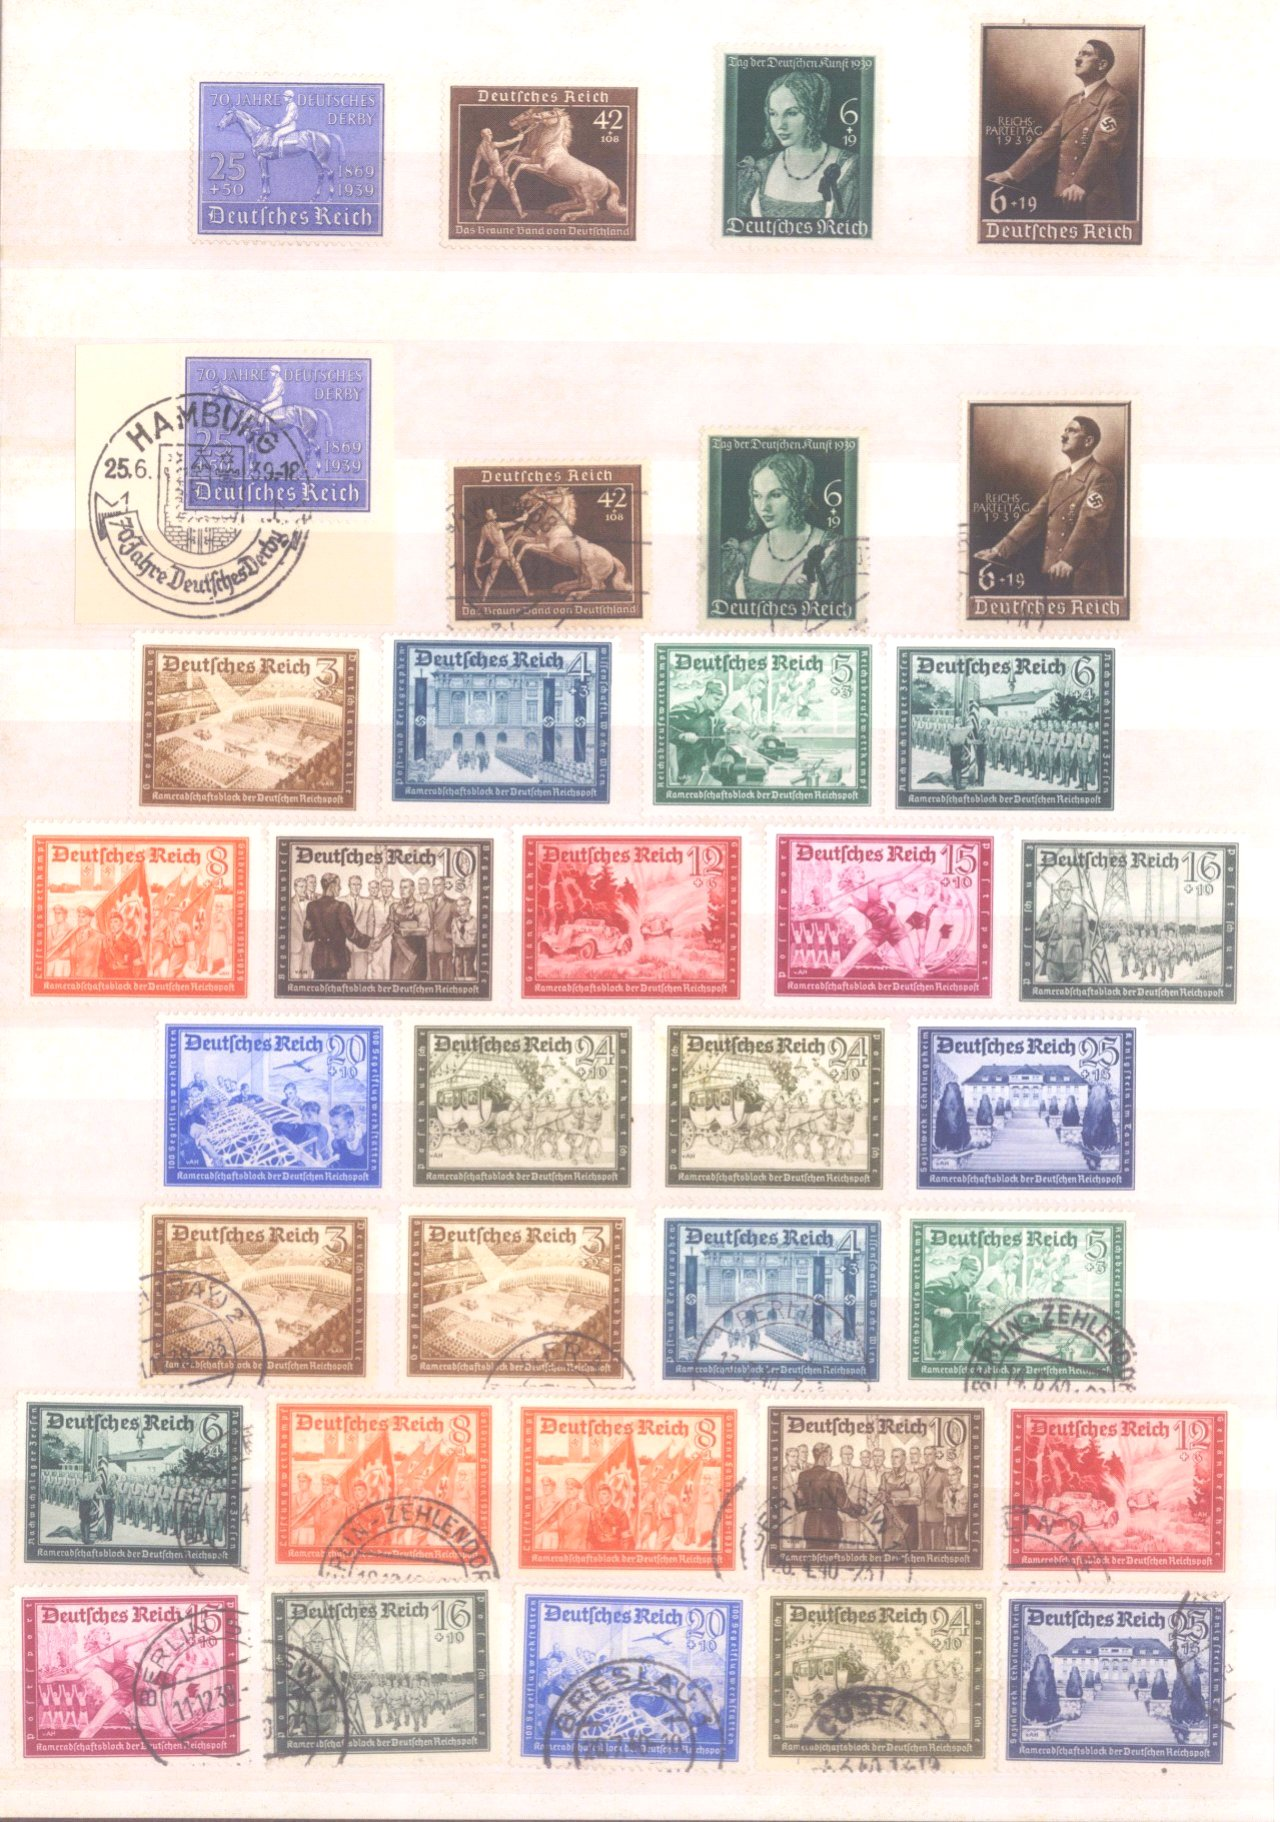 Sammlung Deutsches Reich in 2 Alben, 1933-1945-15